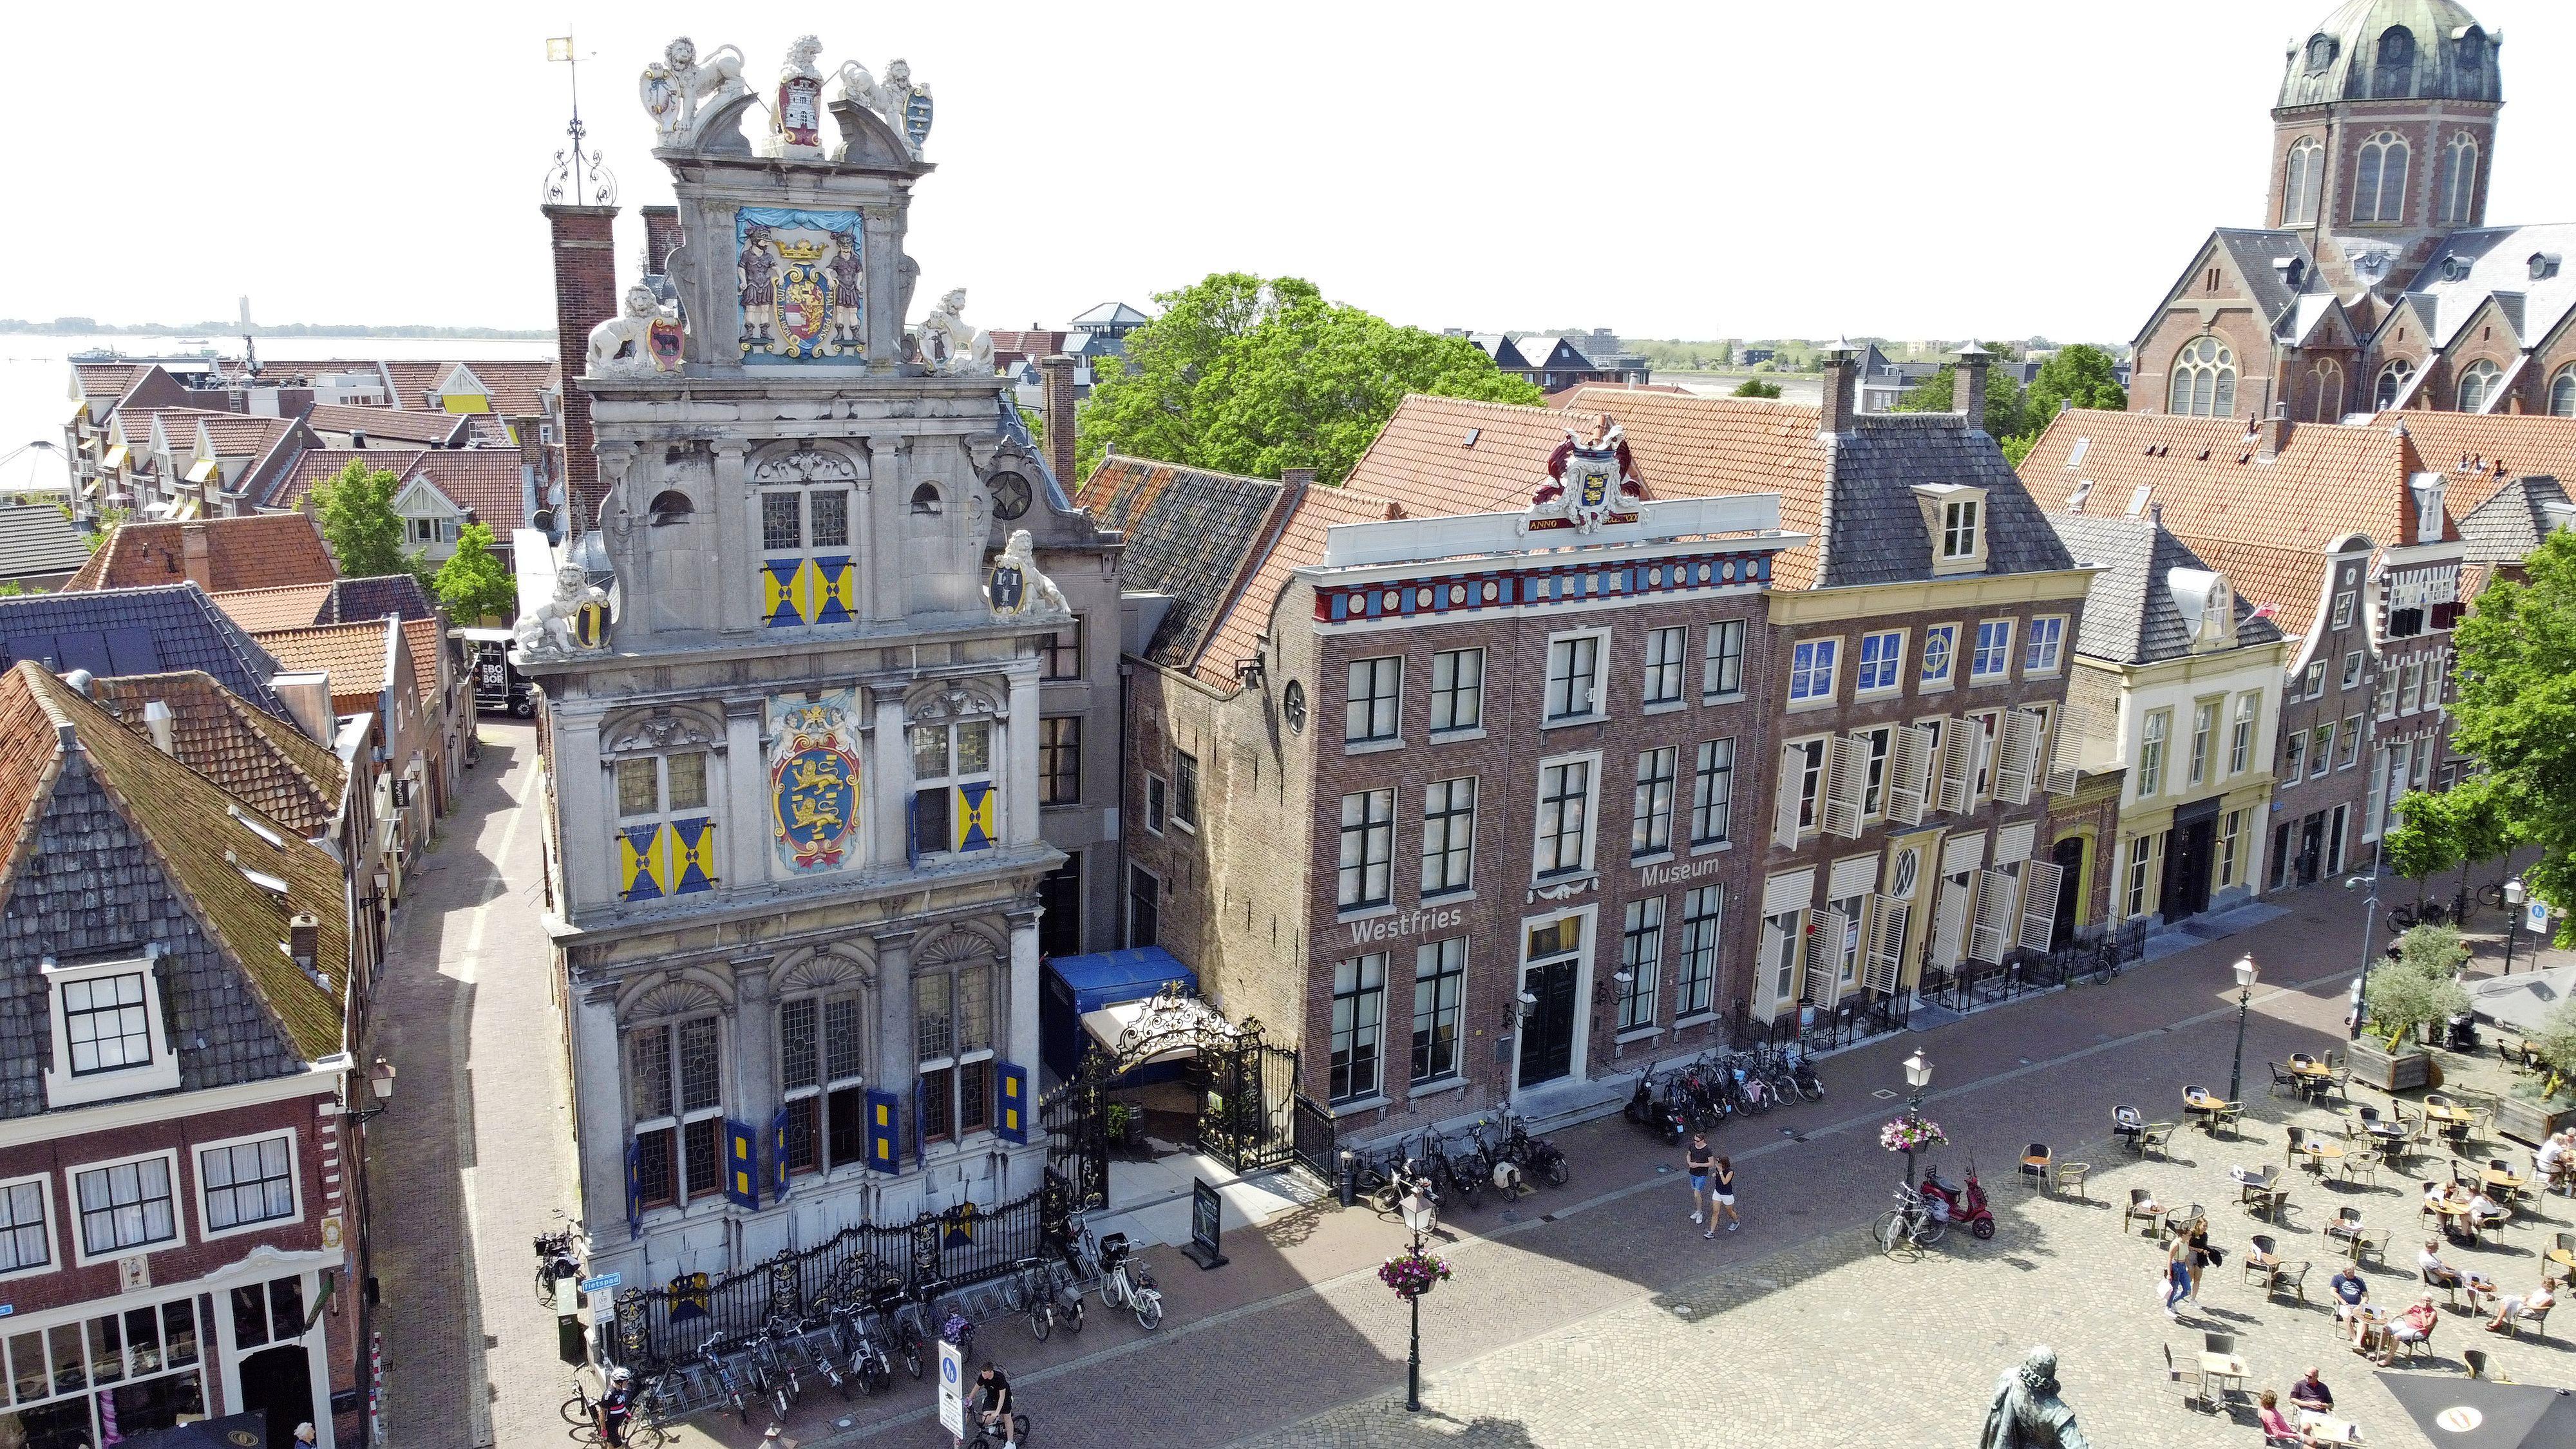 Raad stelt besluit over vernieuwing Westfries Museum uit na storing bij uitzenden raadsvergadering